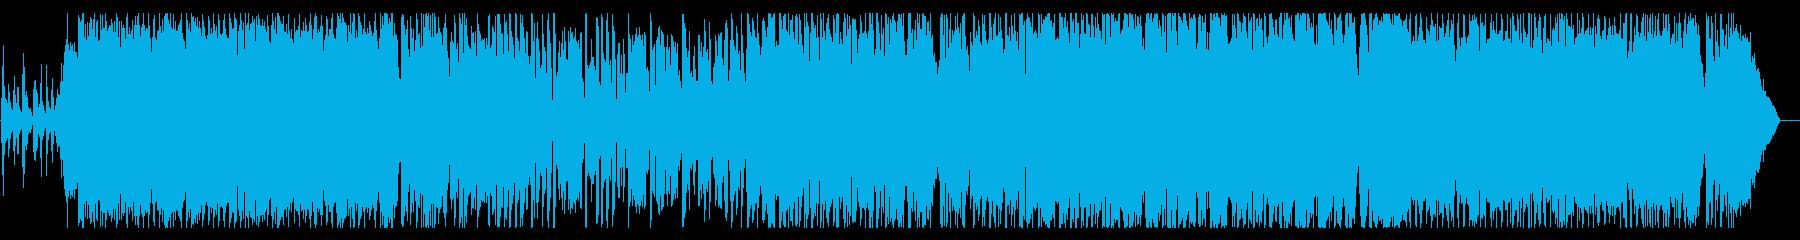 激しいサウンドのアイドルポップの再生済みの波形